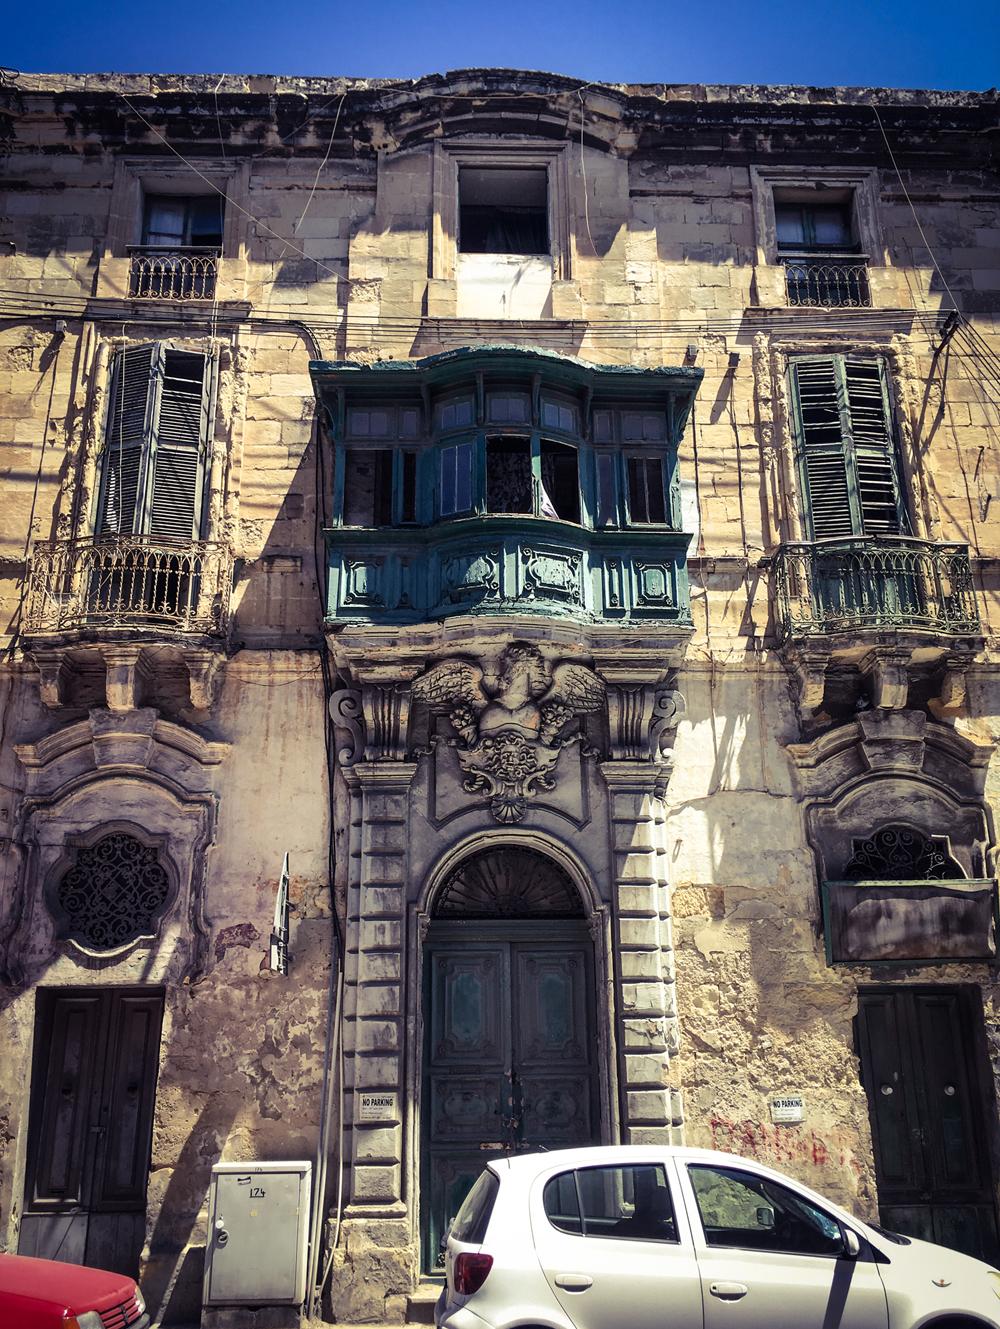 Derelict facade of an old house of character, Triq San Pawl, Bormla, Malta © Helen Jones-Florio